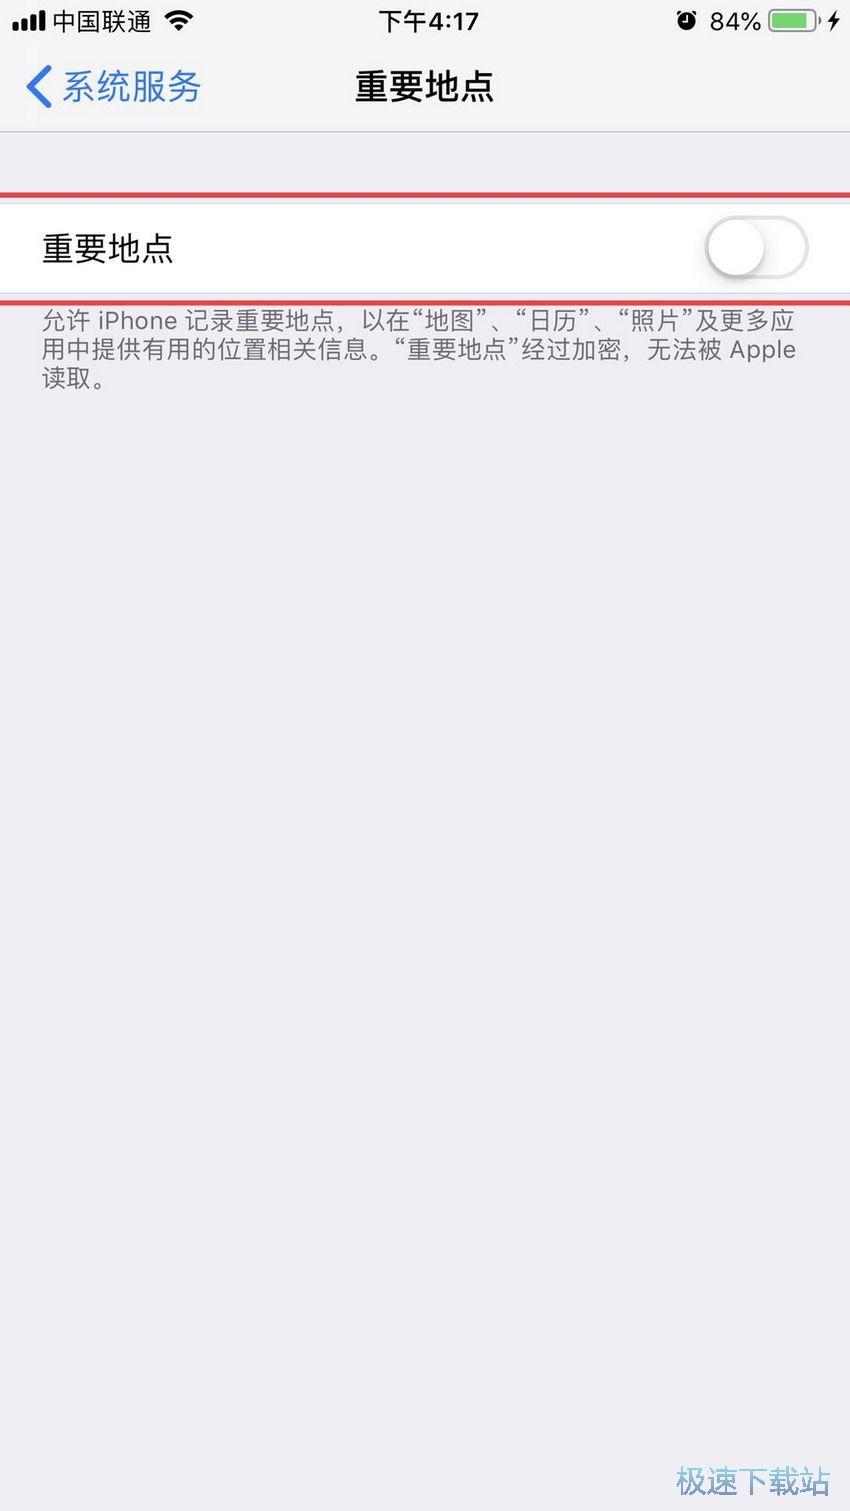 iPhone手机如何朗读屏幕上的文字? 缩略图